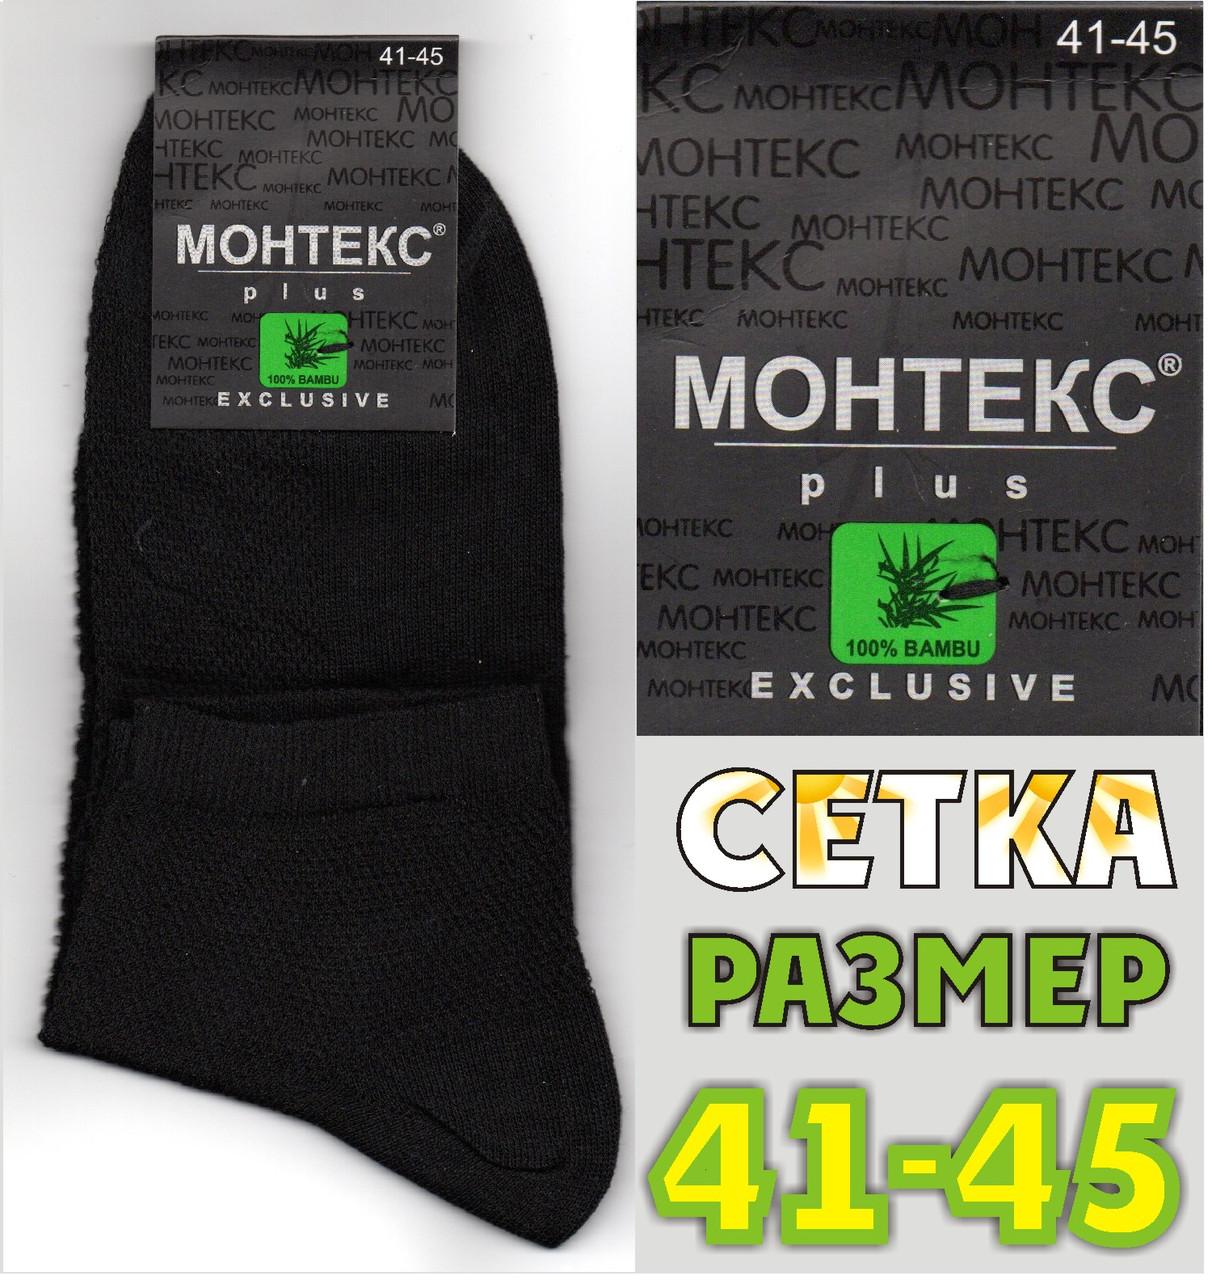 Мужские носки с сеткой МОНТЕКС 100% бамбук plus exclusive 41-45р чёрные НМП-2345